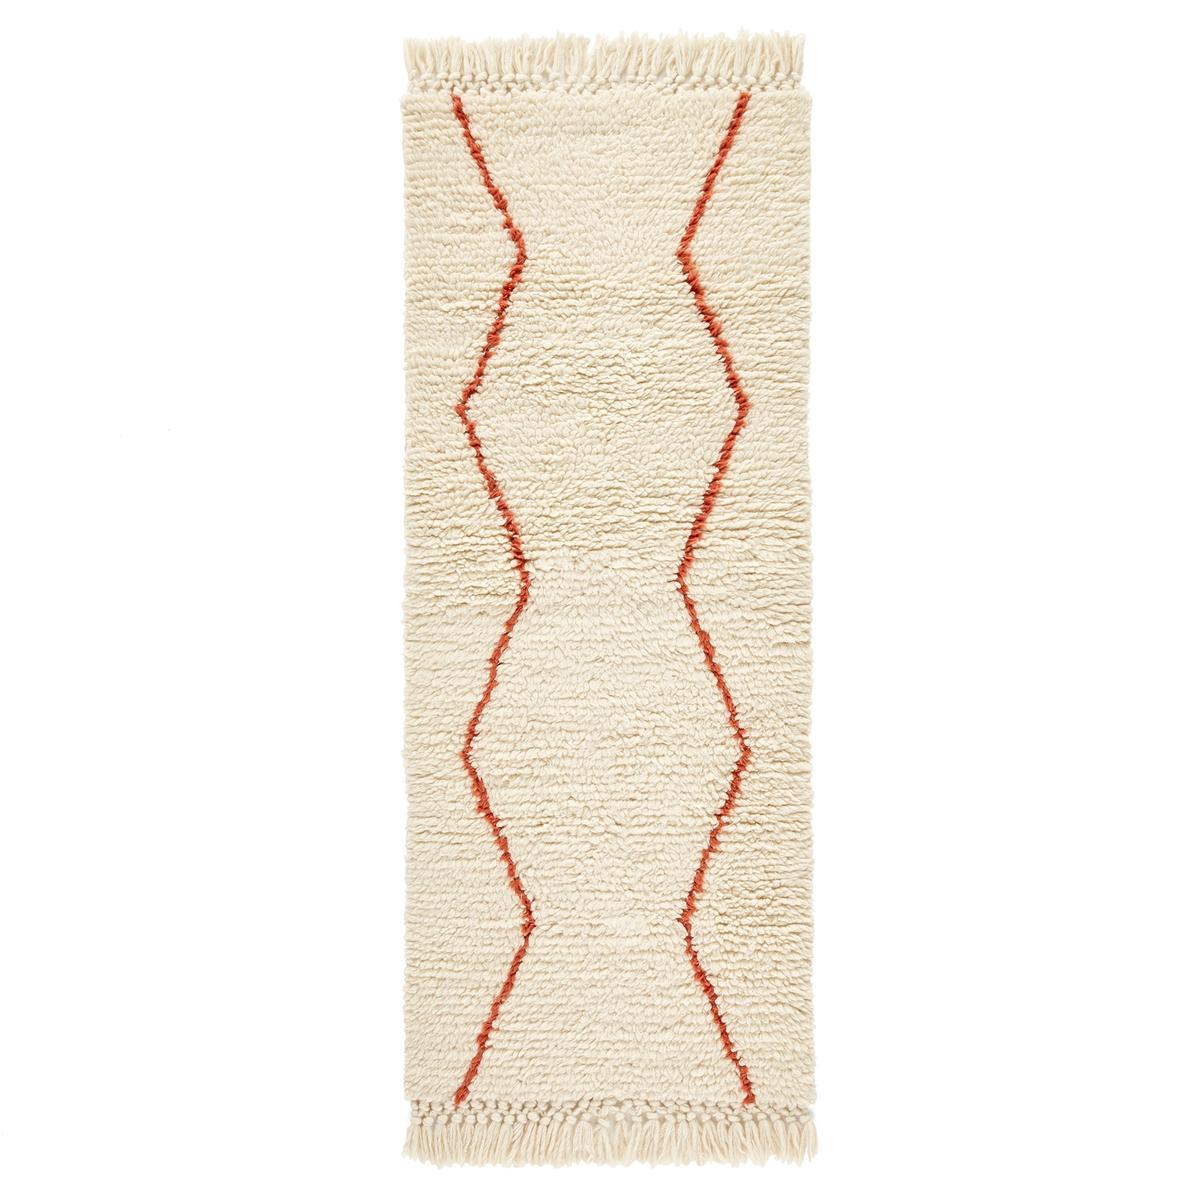 Дорожка La Redoute Ковроваяв берберском стиле Nyborg 80 x 200 см бежевый ковер la redoute в берберском стиле из шерсти tekouma 120 x 180 см бежевый